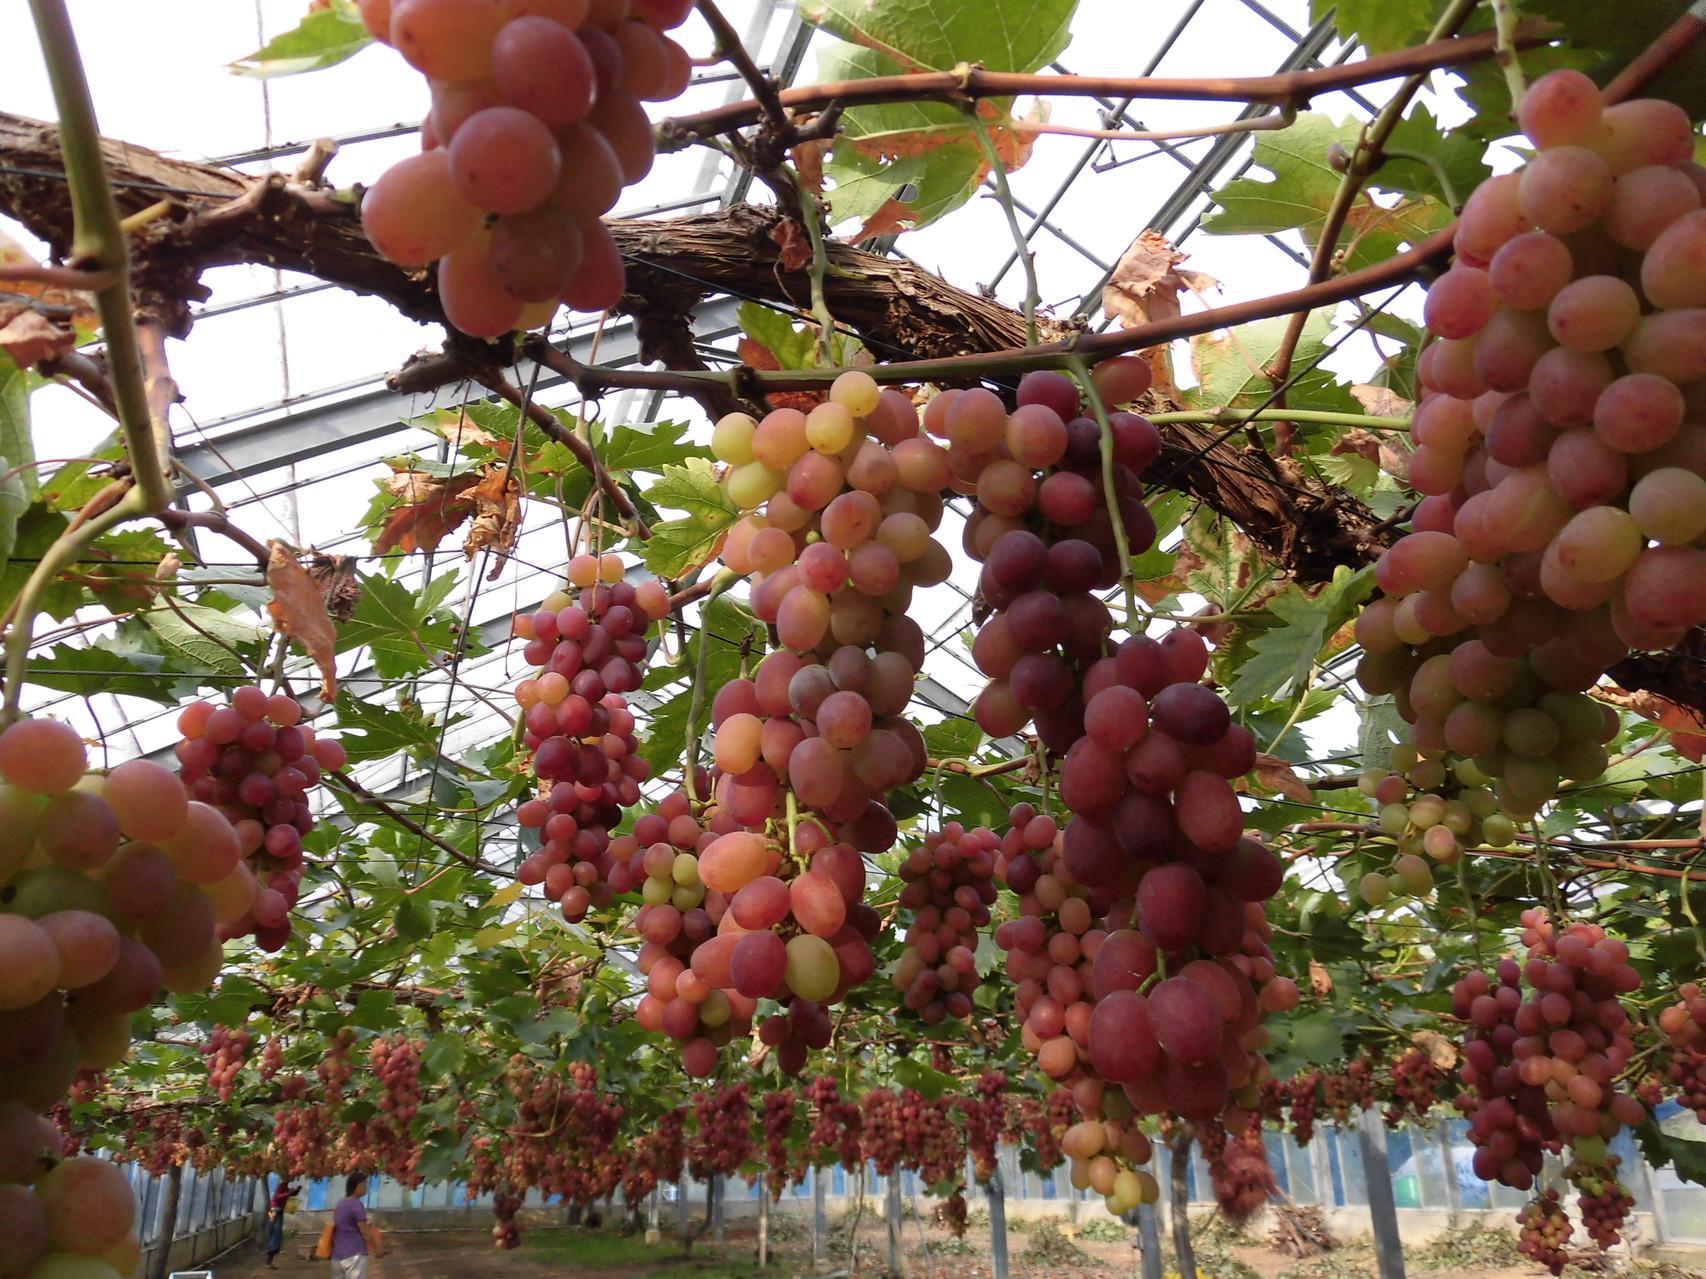 美味しそうなブドウ 1赤嶺(せきれい)と言う品種です